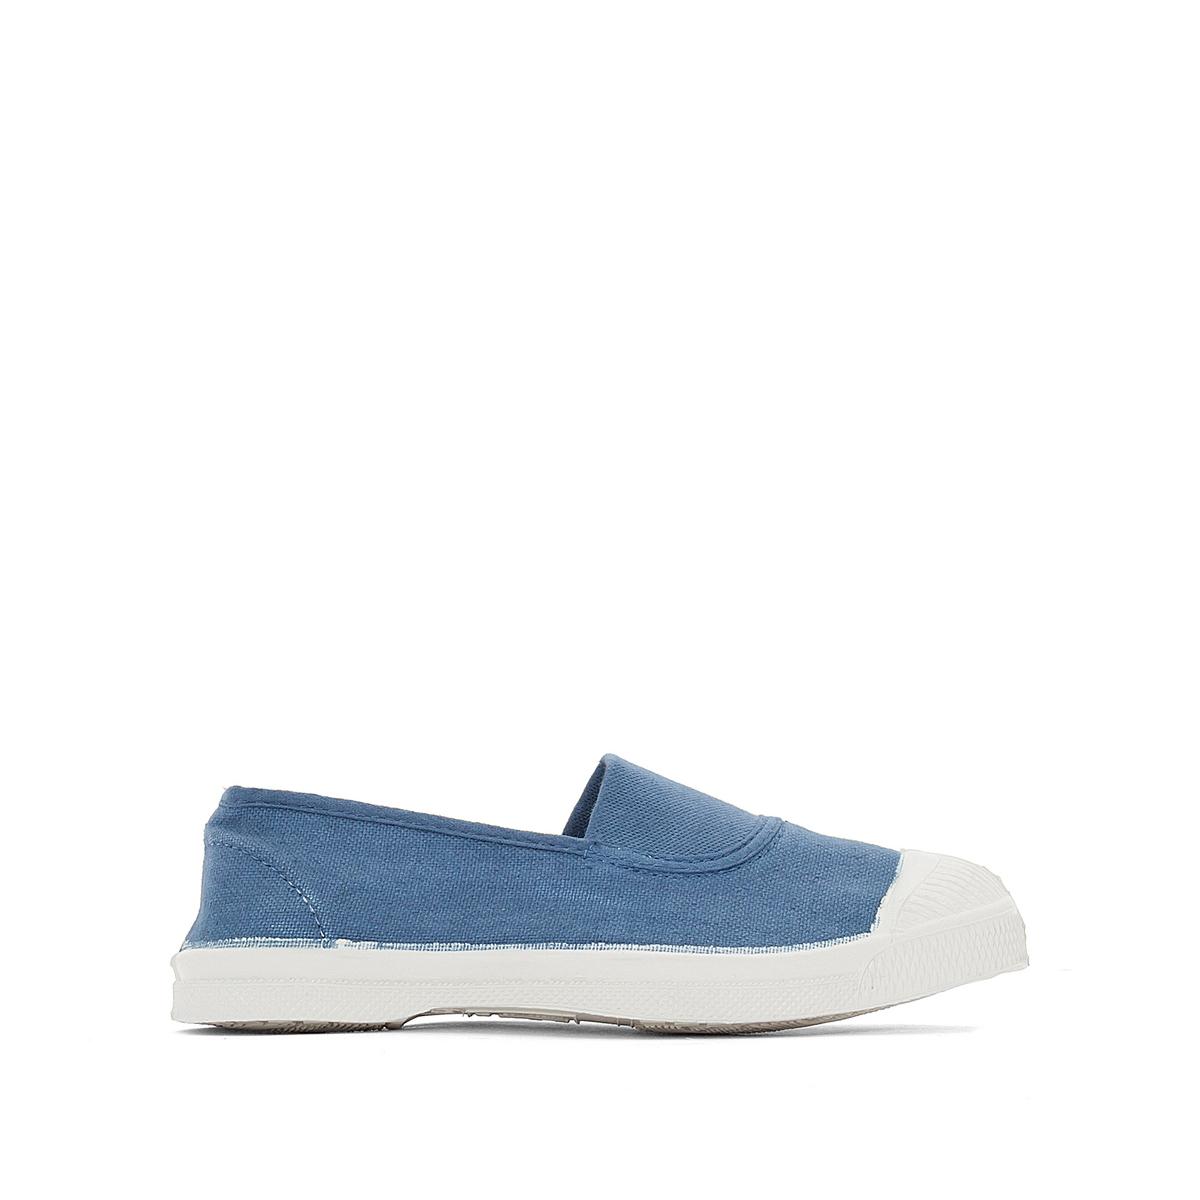 Кеды  ElastiqueДетали •  Спортивный стиль •  Плоский каблук •  Застежка : эластичная вставкаСостав и уход •  Верх 100% ткань •  Подкладка 100% текстиль •  Стелька 100% текстиль •  Подошва 100% каучук<br><br>Цвет: синий деним<br>Размер: 34.32